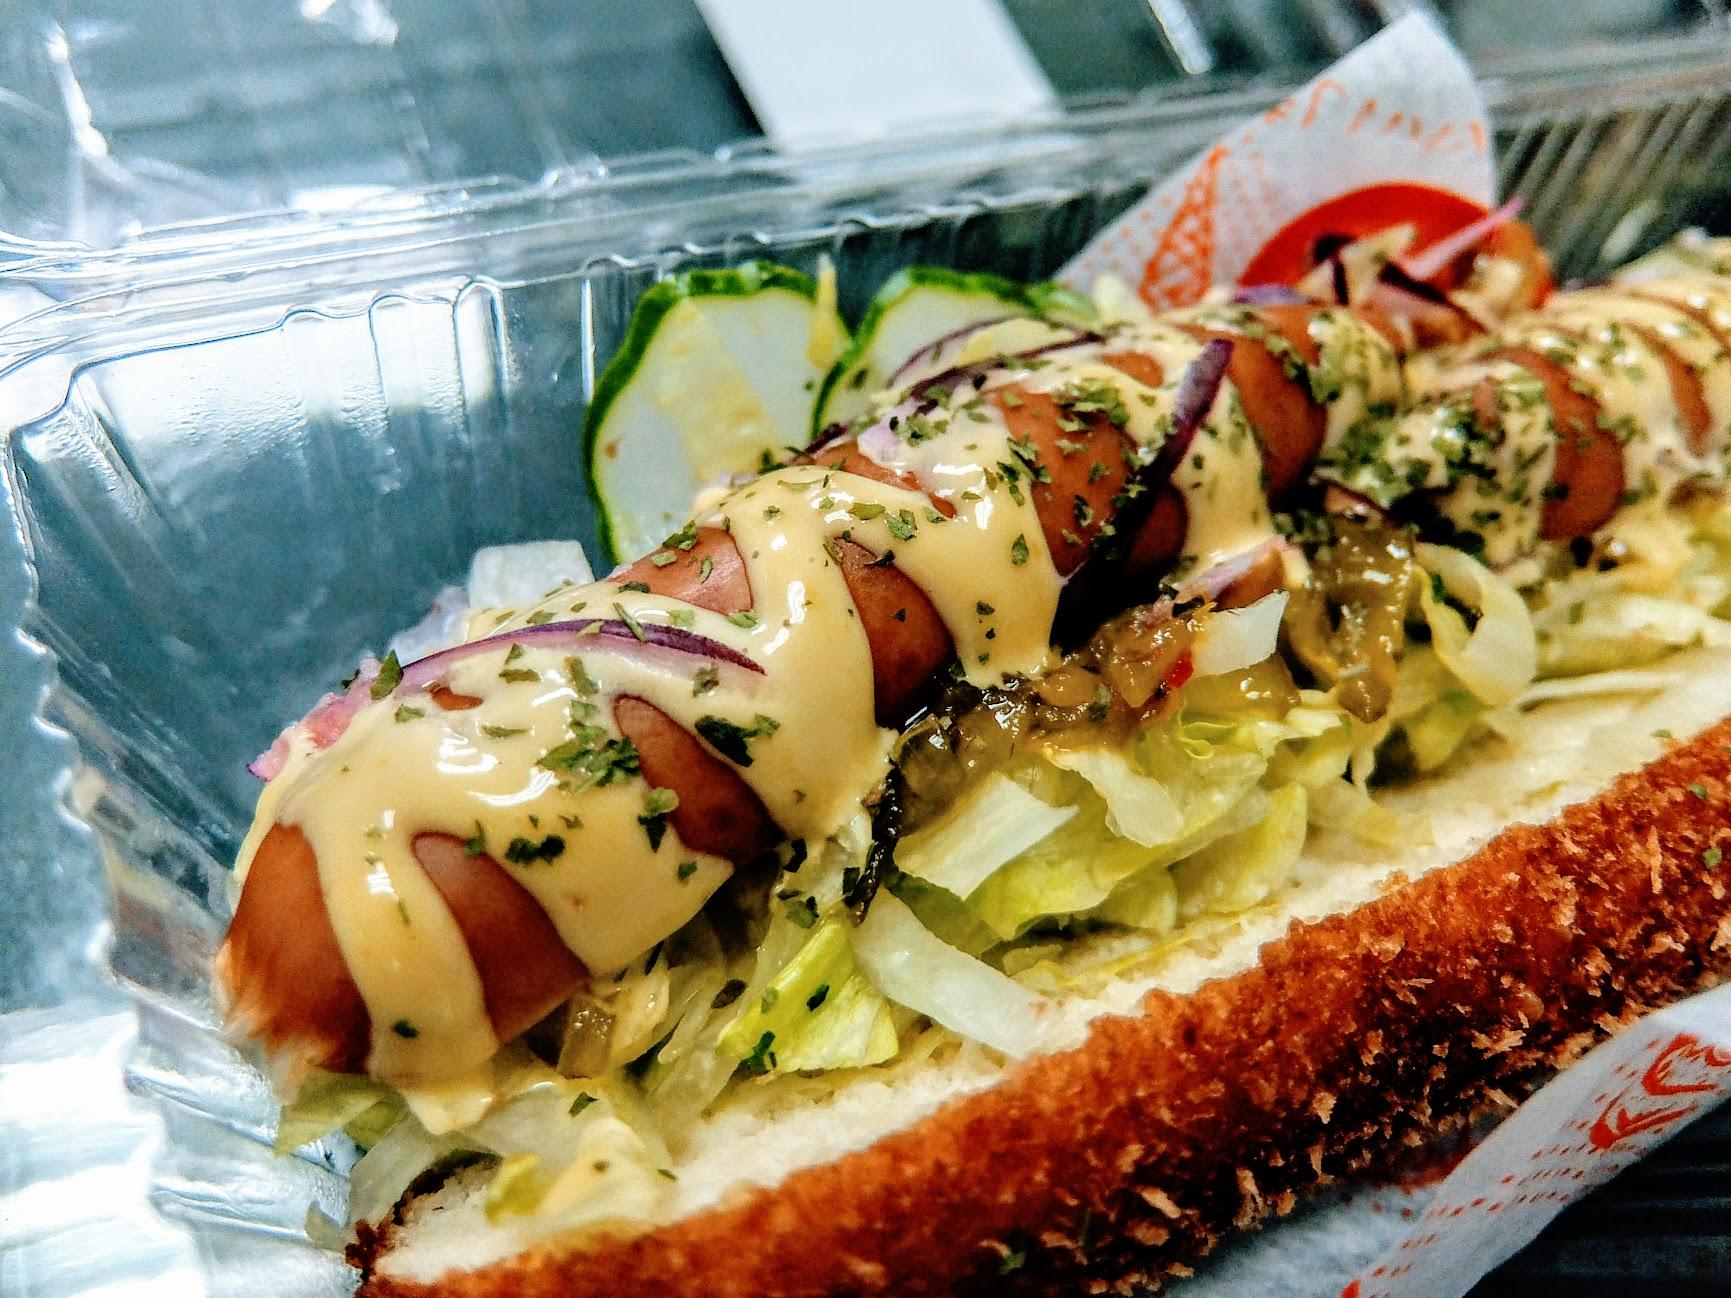 德式香腸,炸麵包中間夾著生菜和德國香腸,還蠻不錯的點心XD